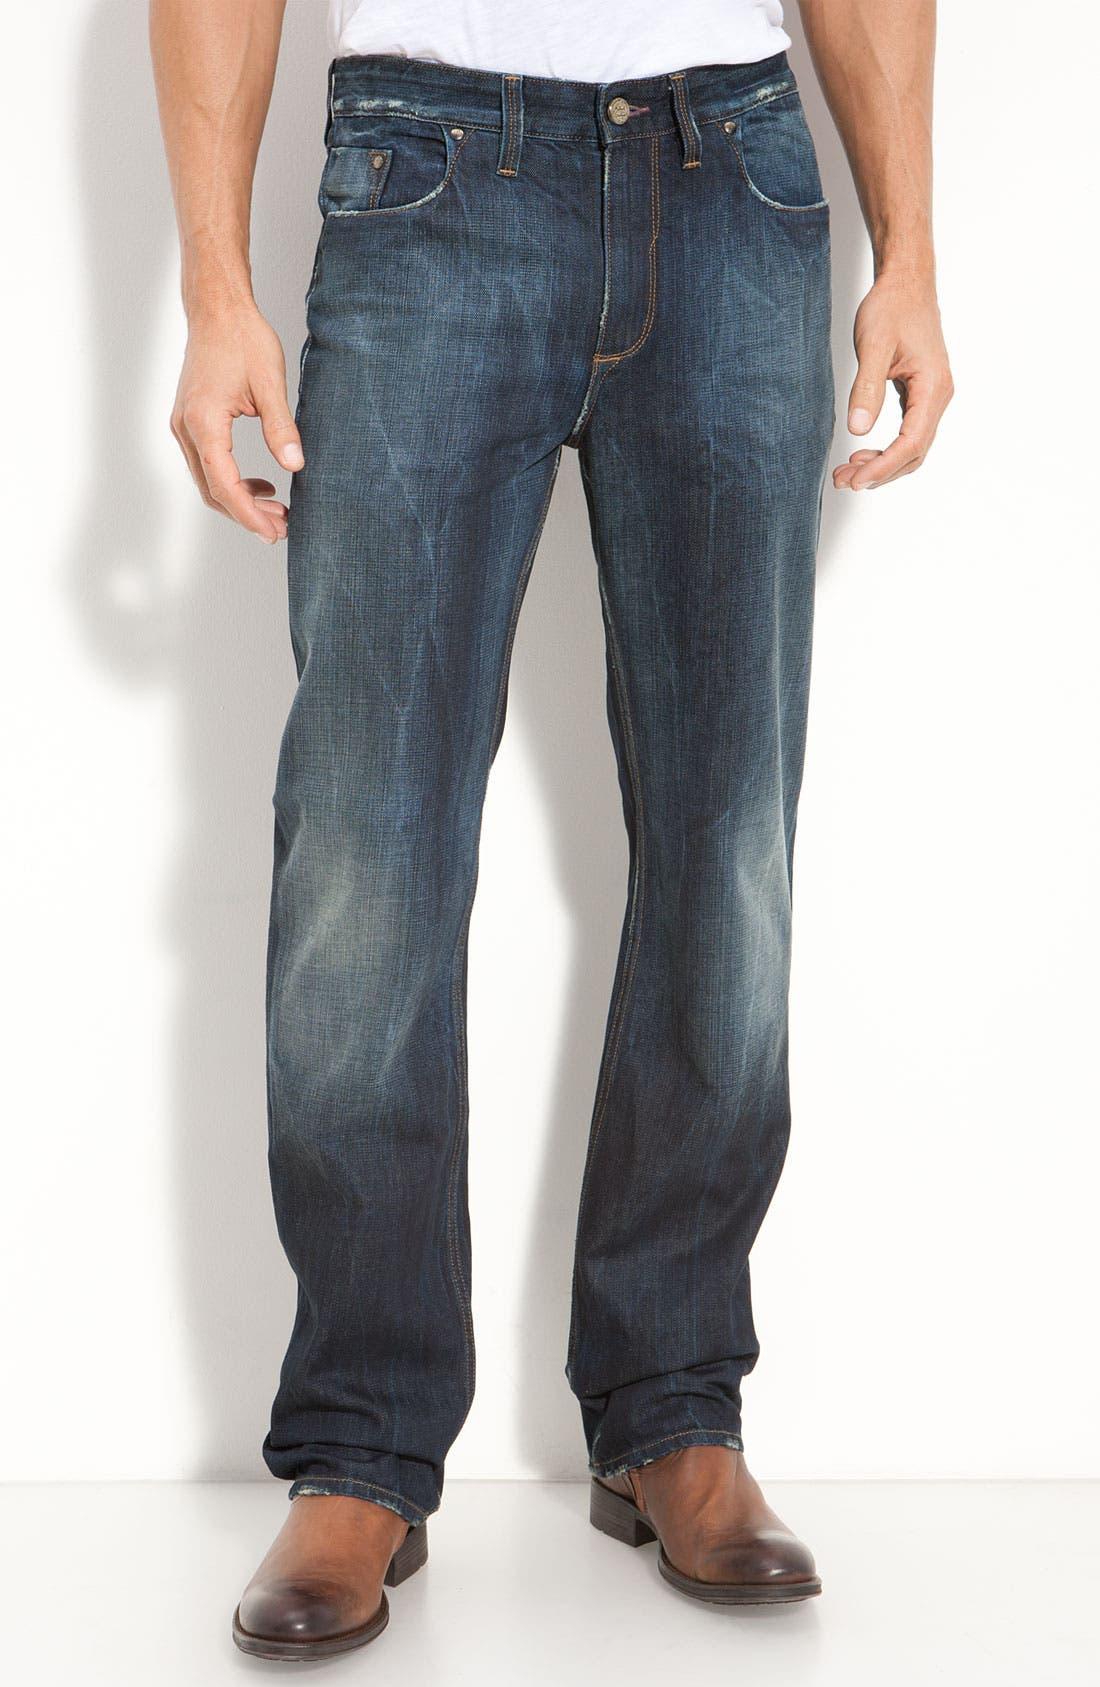 Main Image - Robert Graham Jeans 'Yates' Classic Fit Jeans (Atlantic)